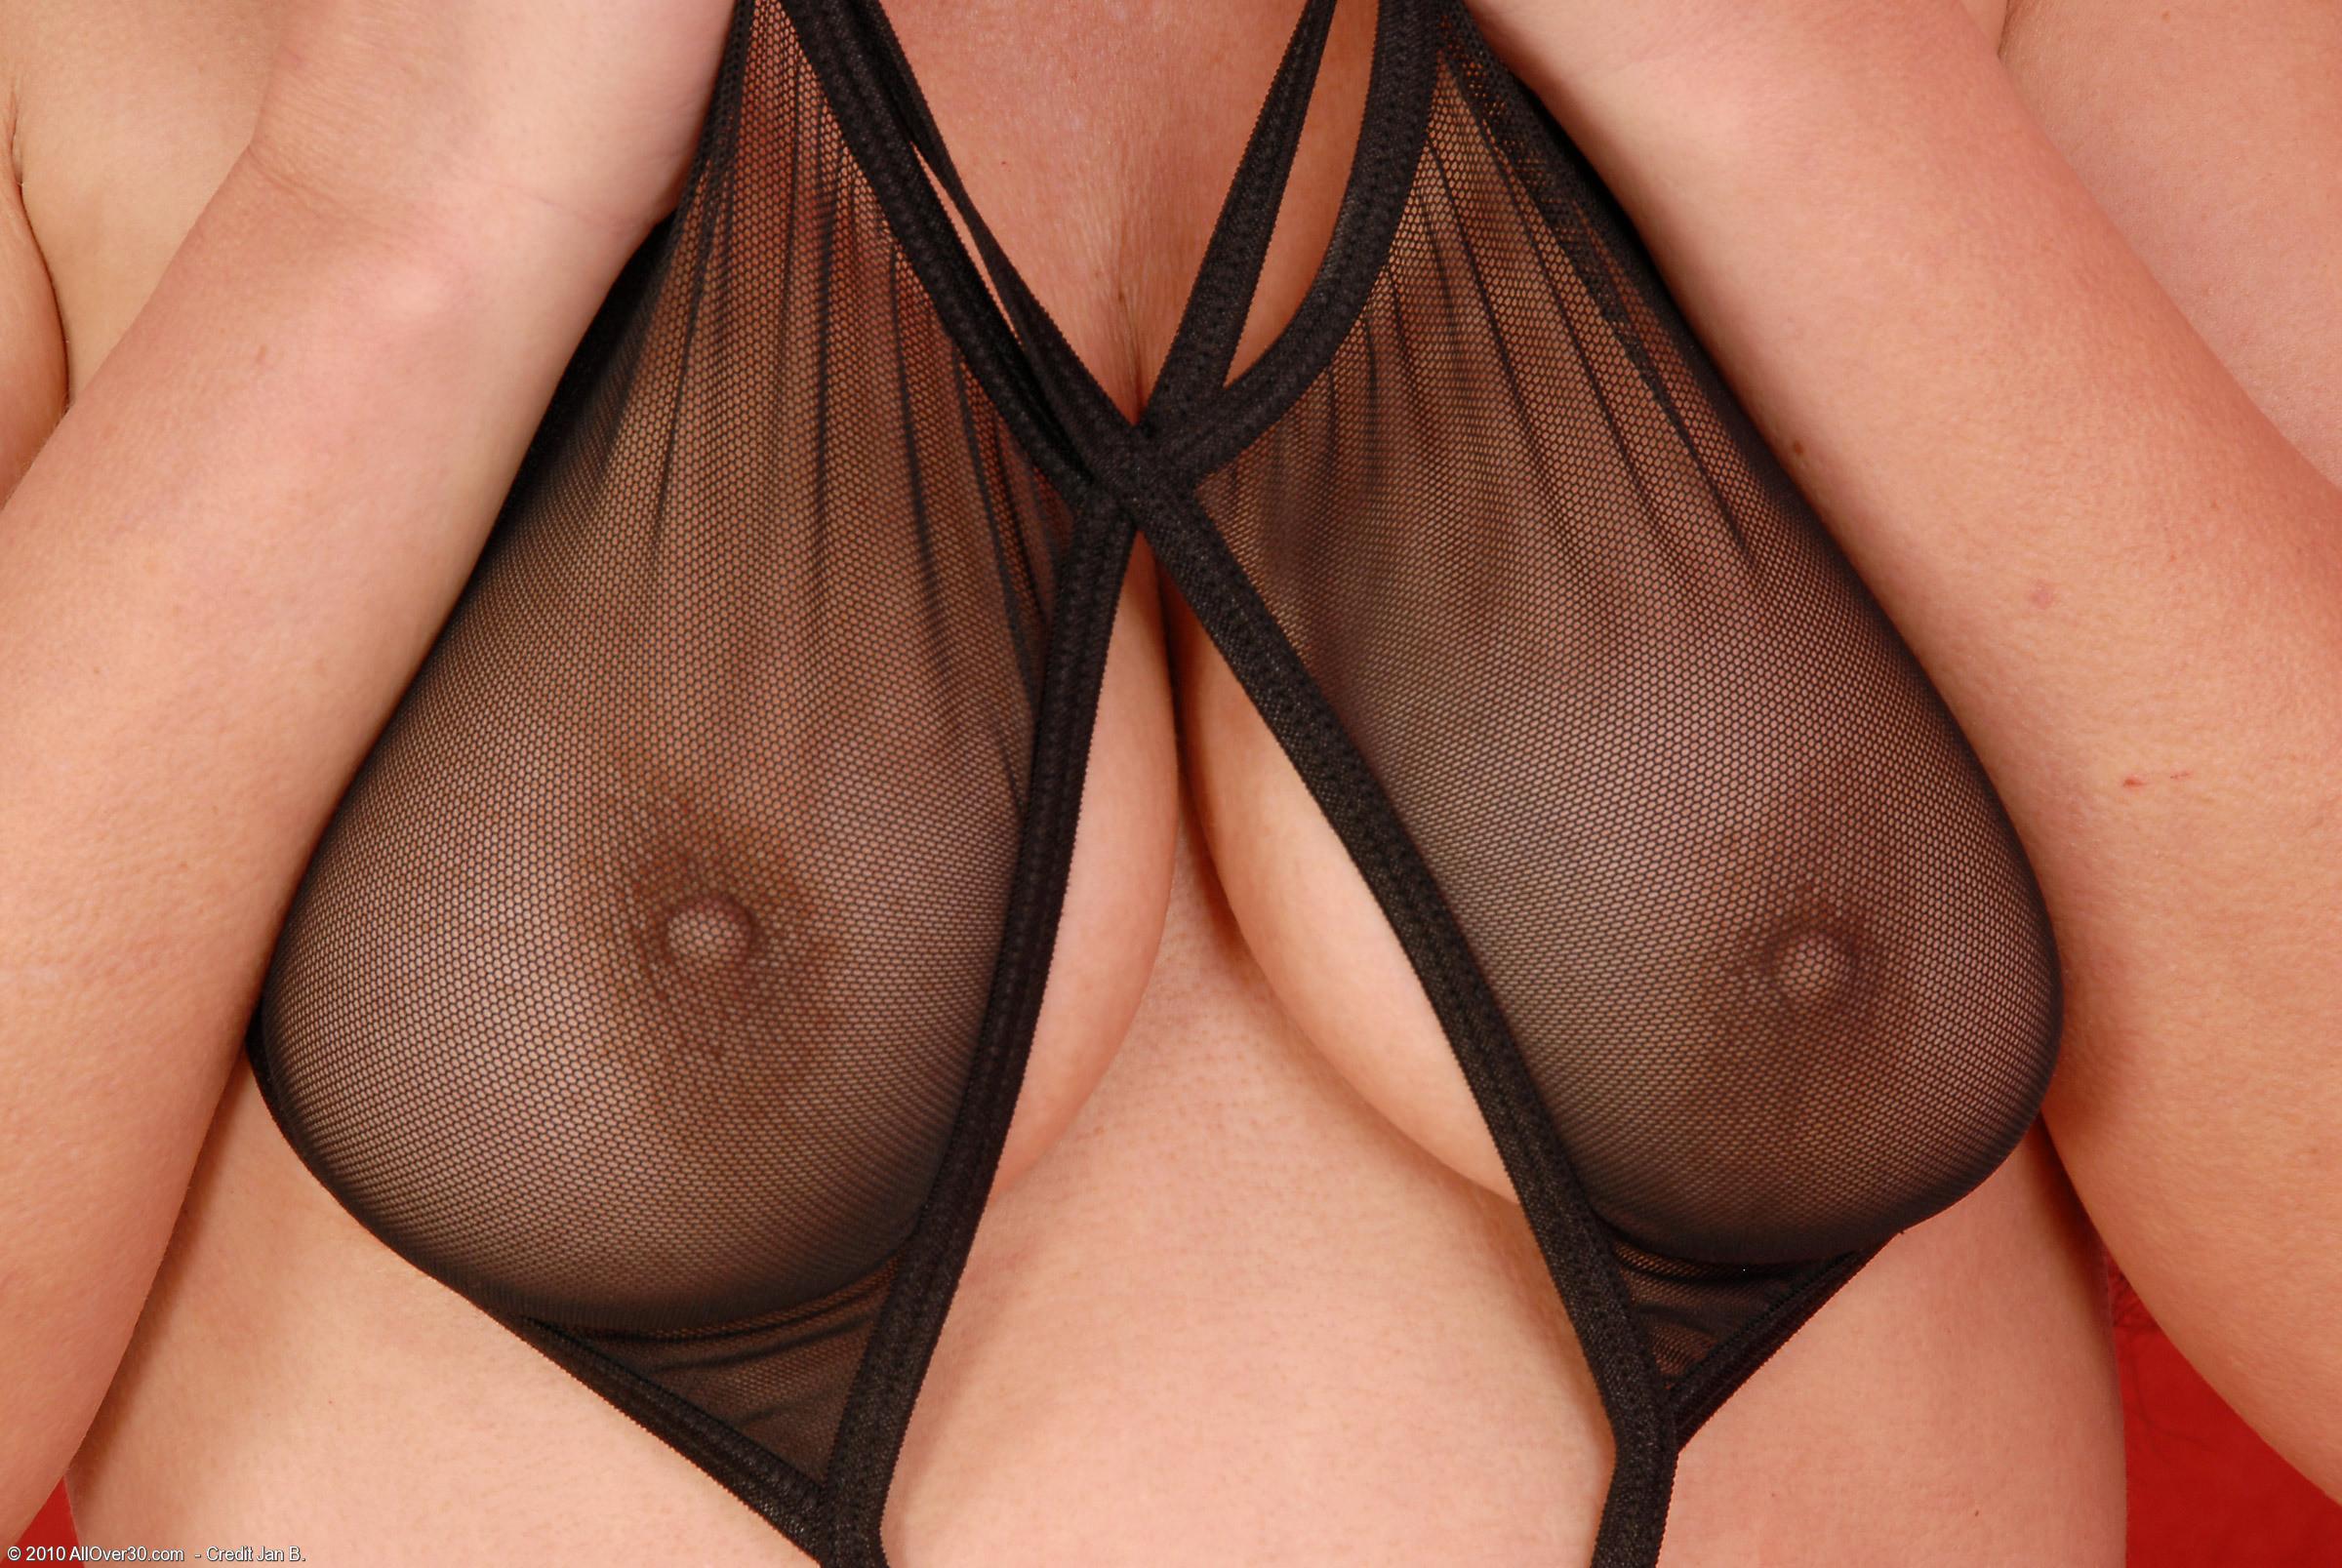 У привлекательной возрастной представительницы слабого пола есть, что показать и чем порадовать глаз соседа